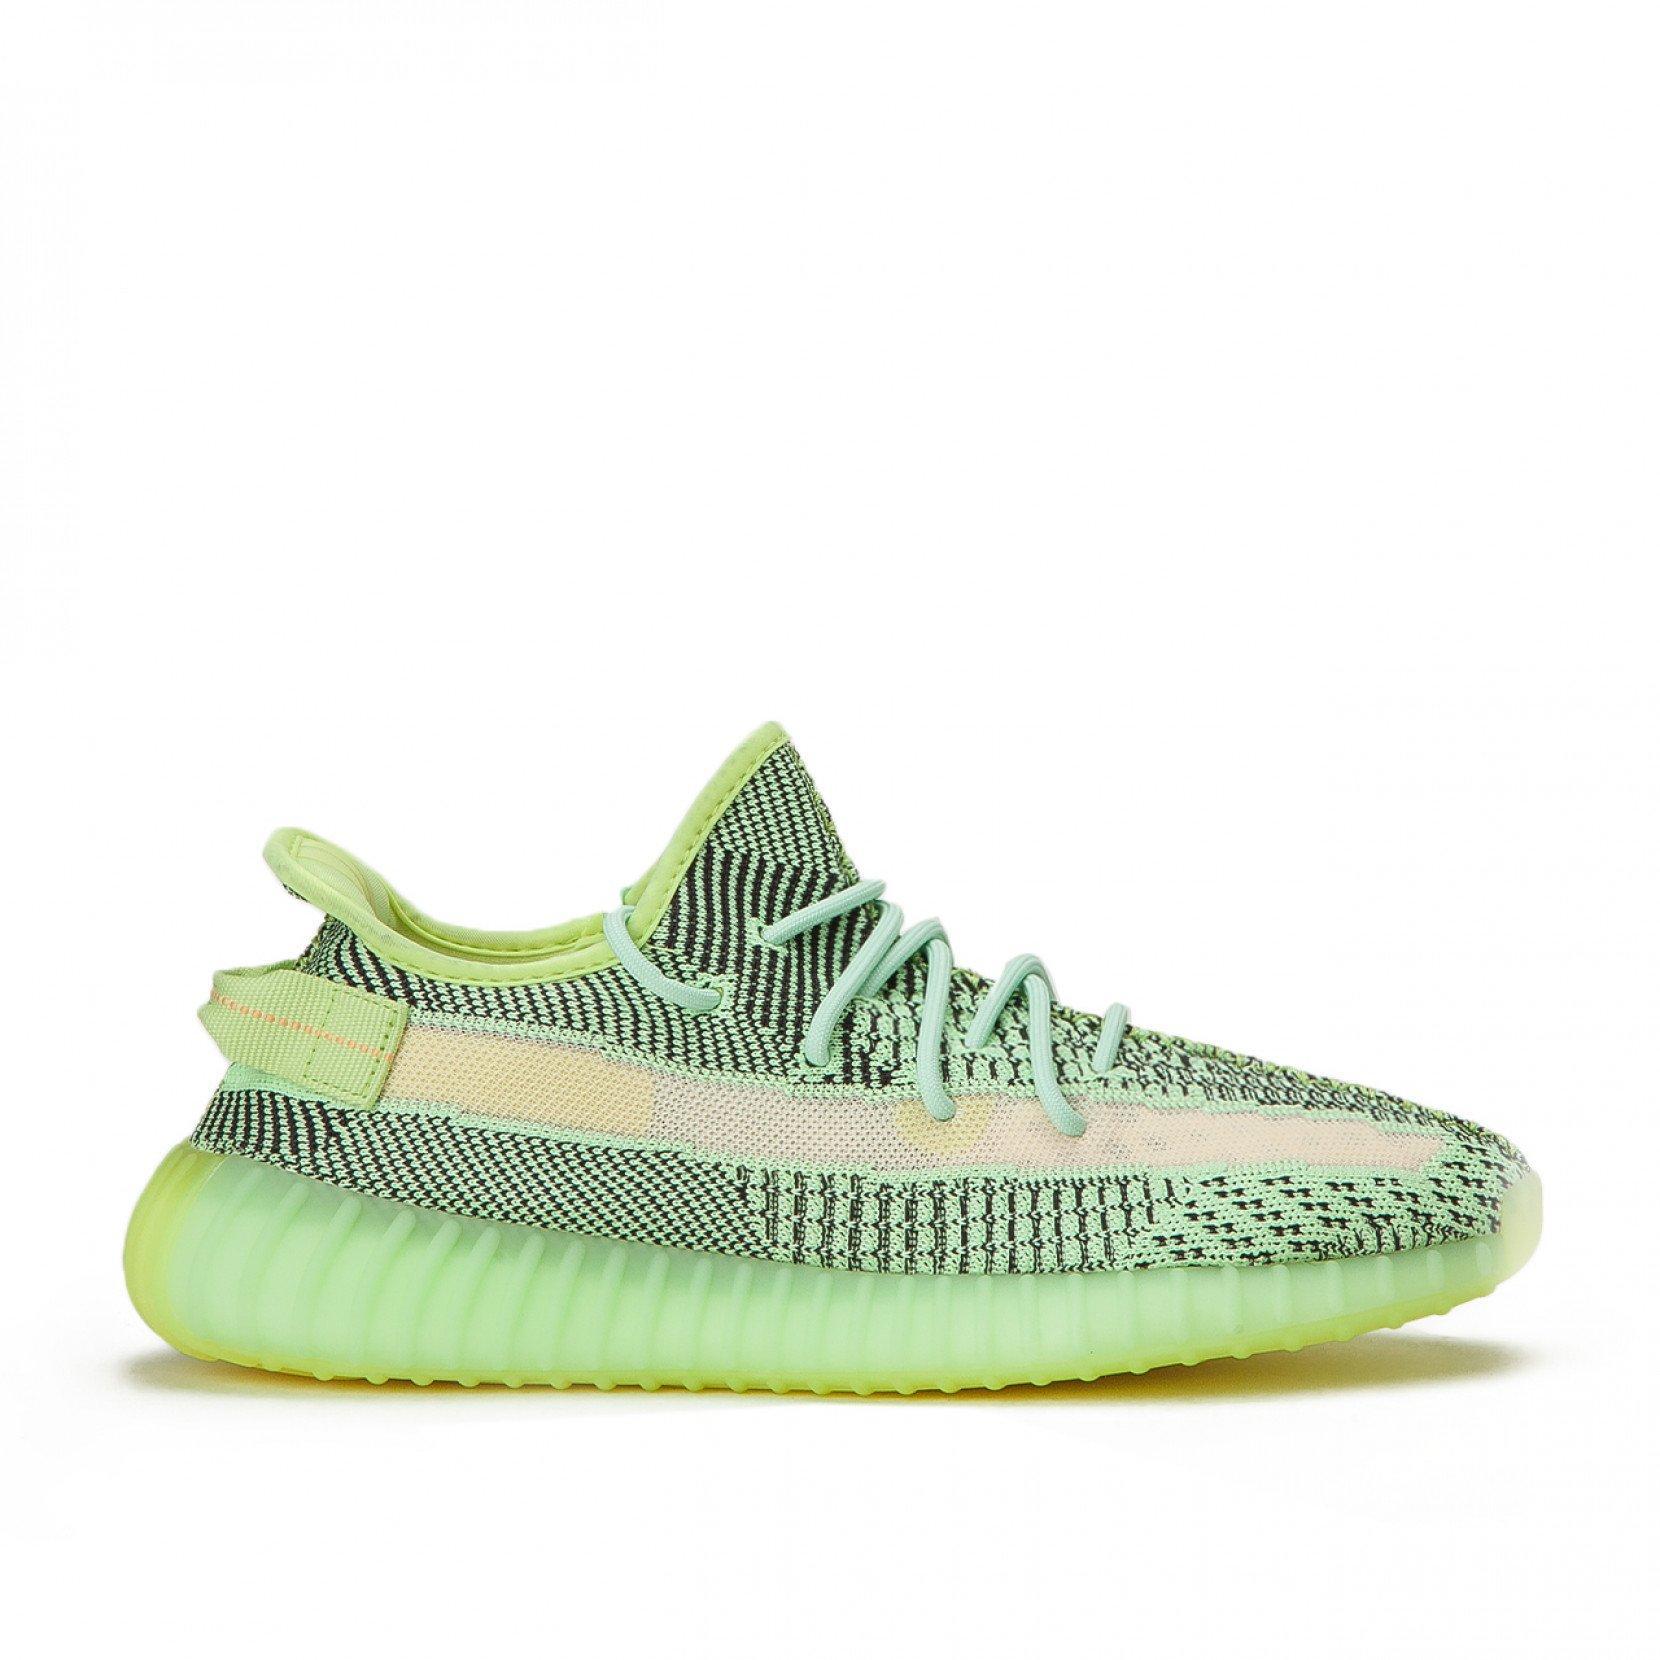 neon yellow yeezys